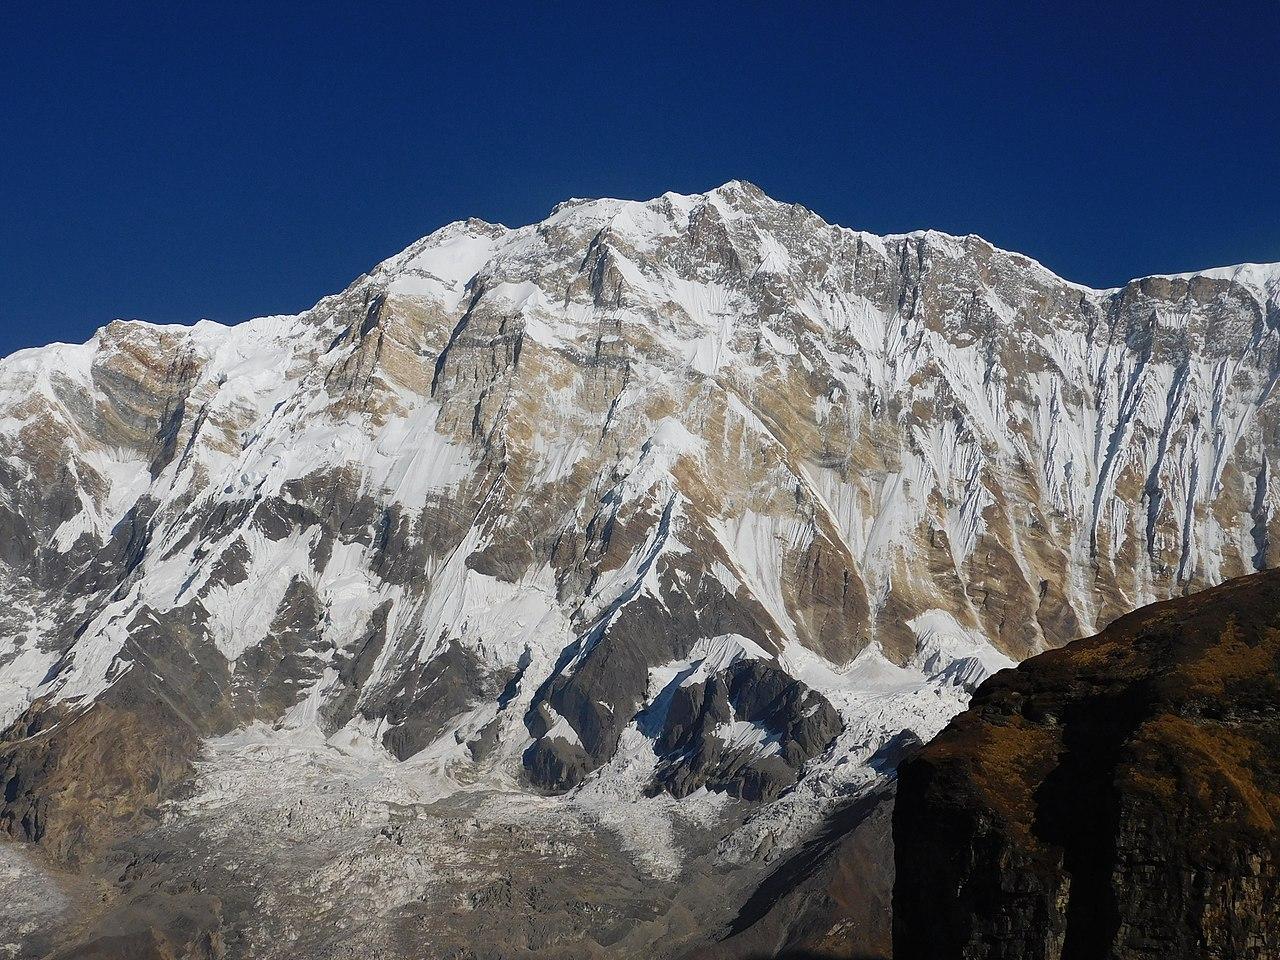 1280px South Face of Annapurna I (Main)